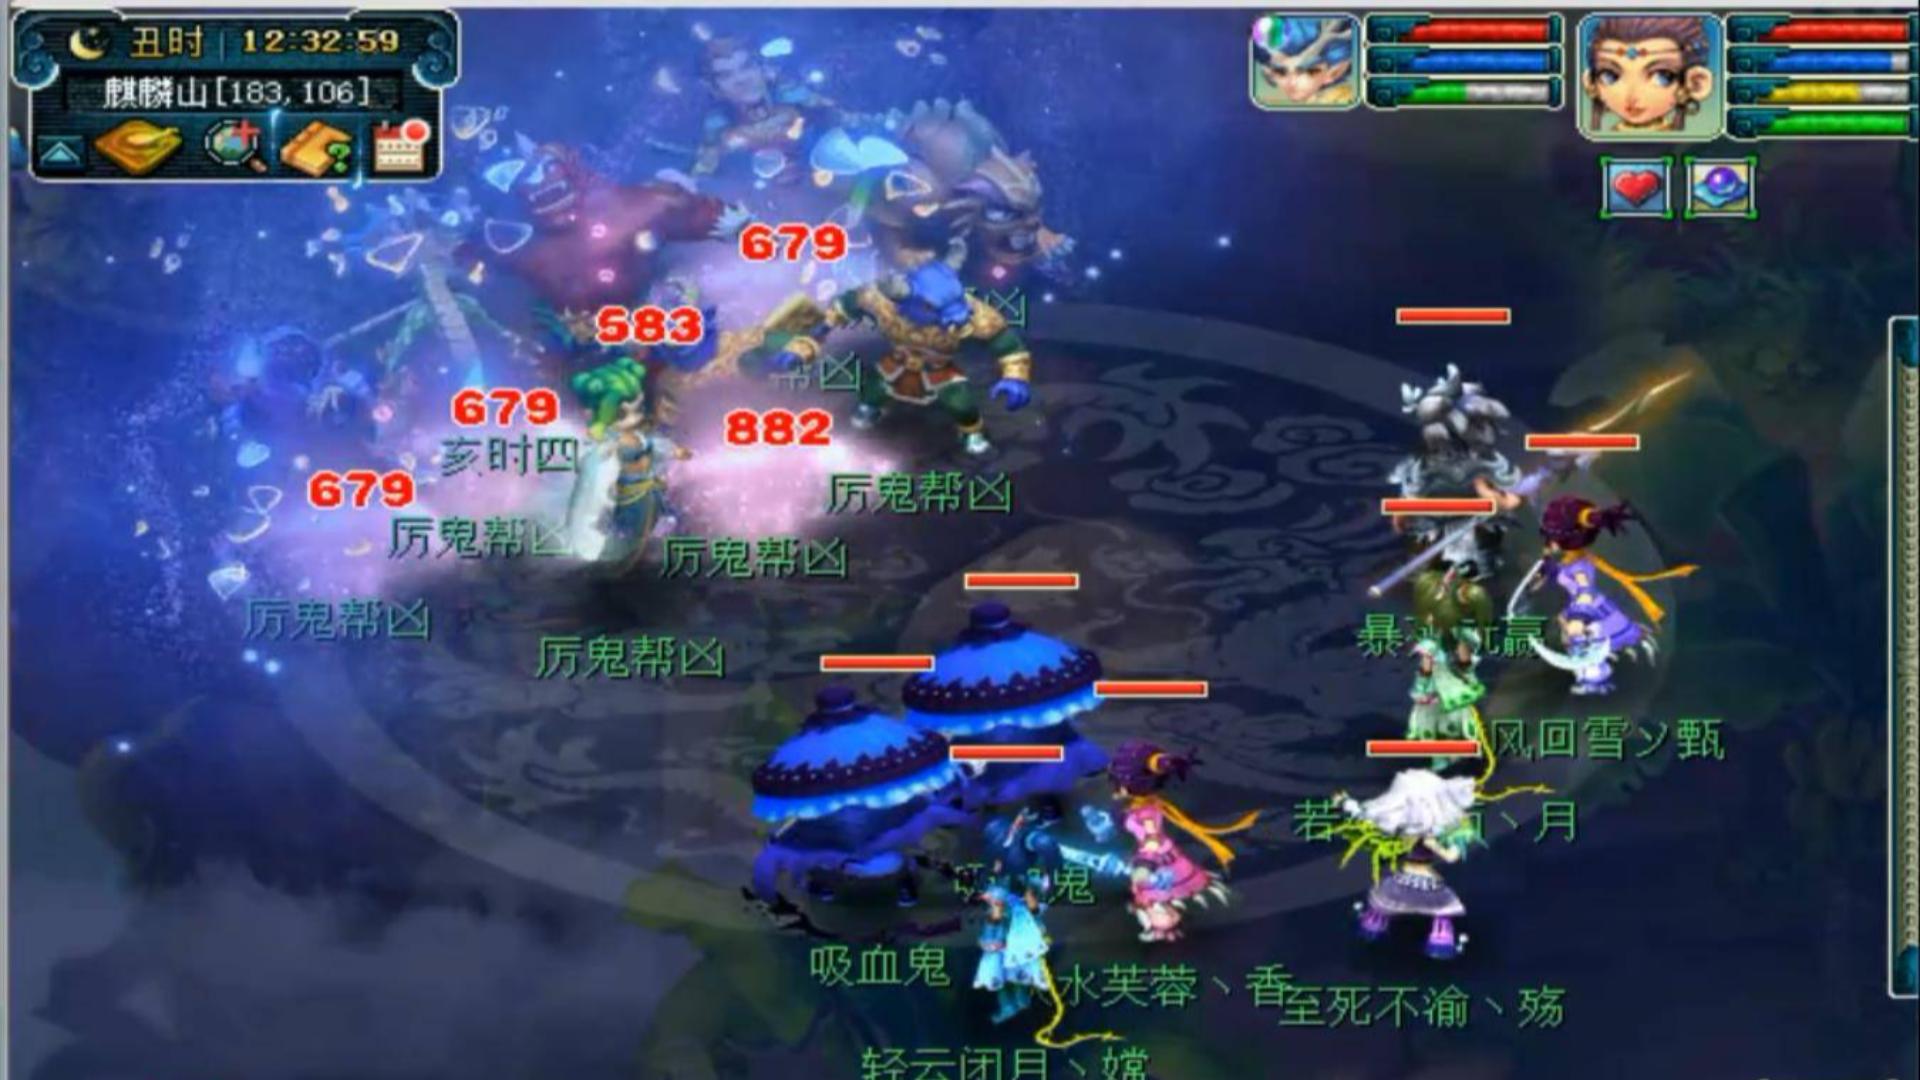 梦幻西游:看完这组平民五开的抓鬼效率,老王感动得要给号主送礼